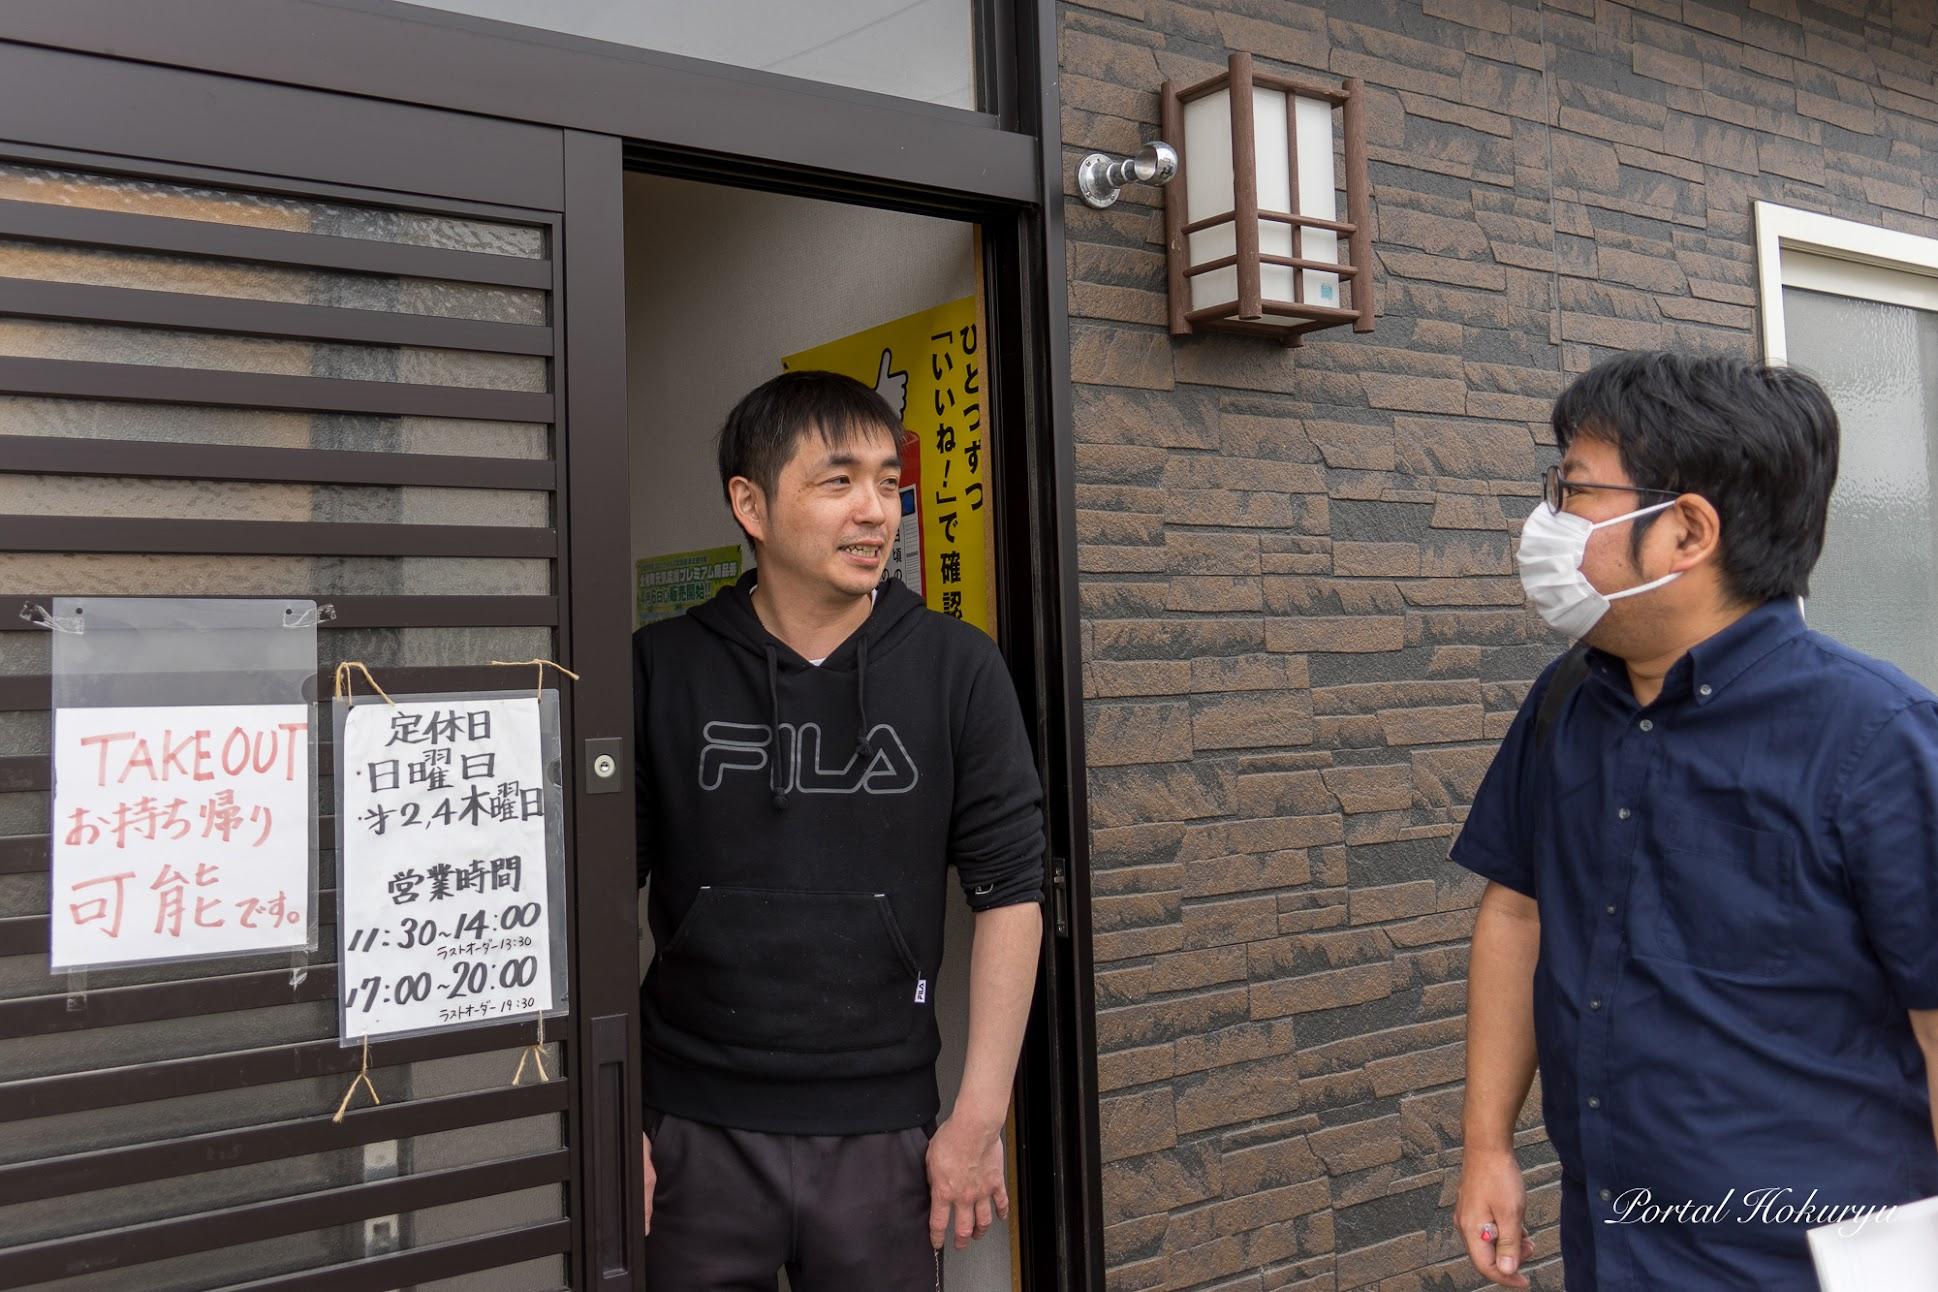 北空知新聞・嶋厚志 記者の取材に応じる店主・佐藤光男さん